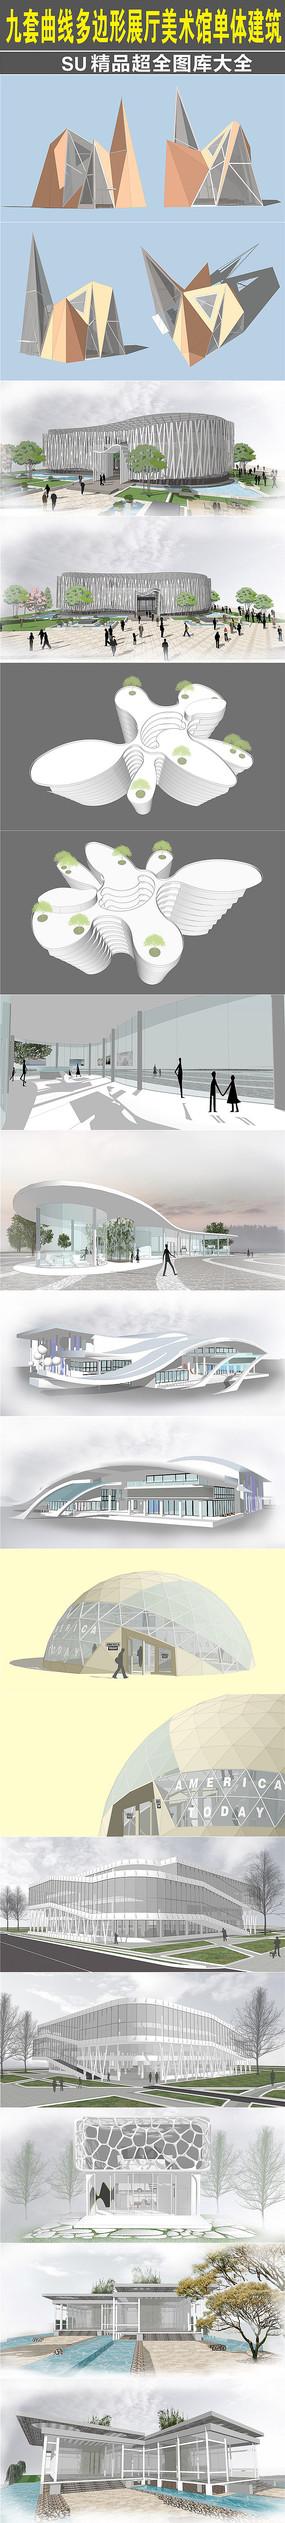 曲线多边形展厅美术馆